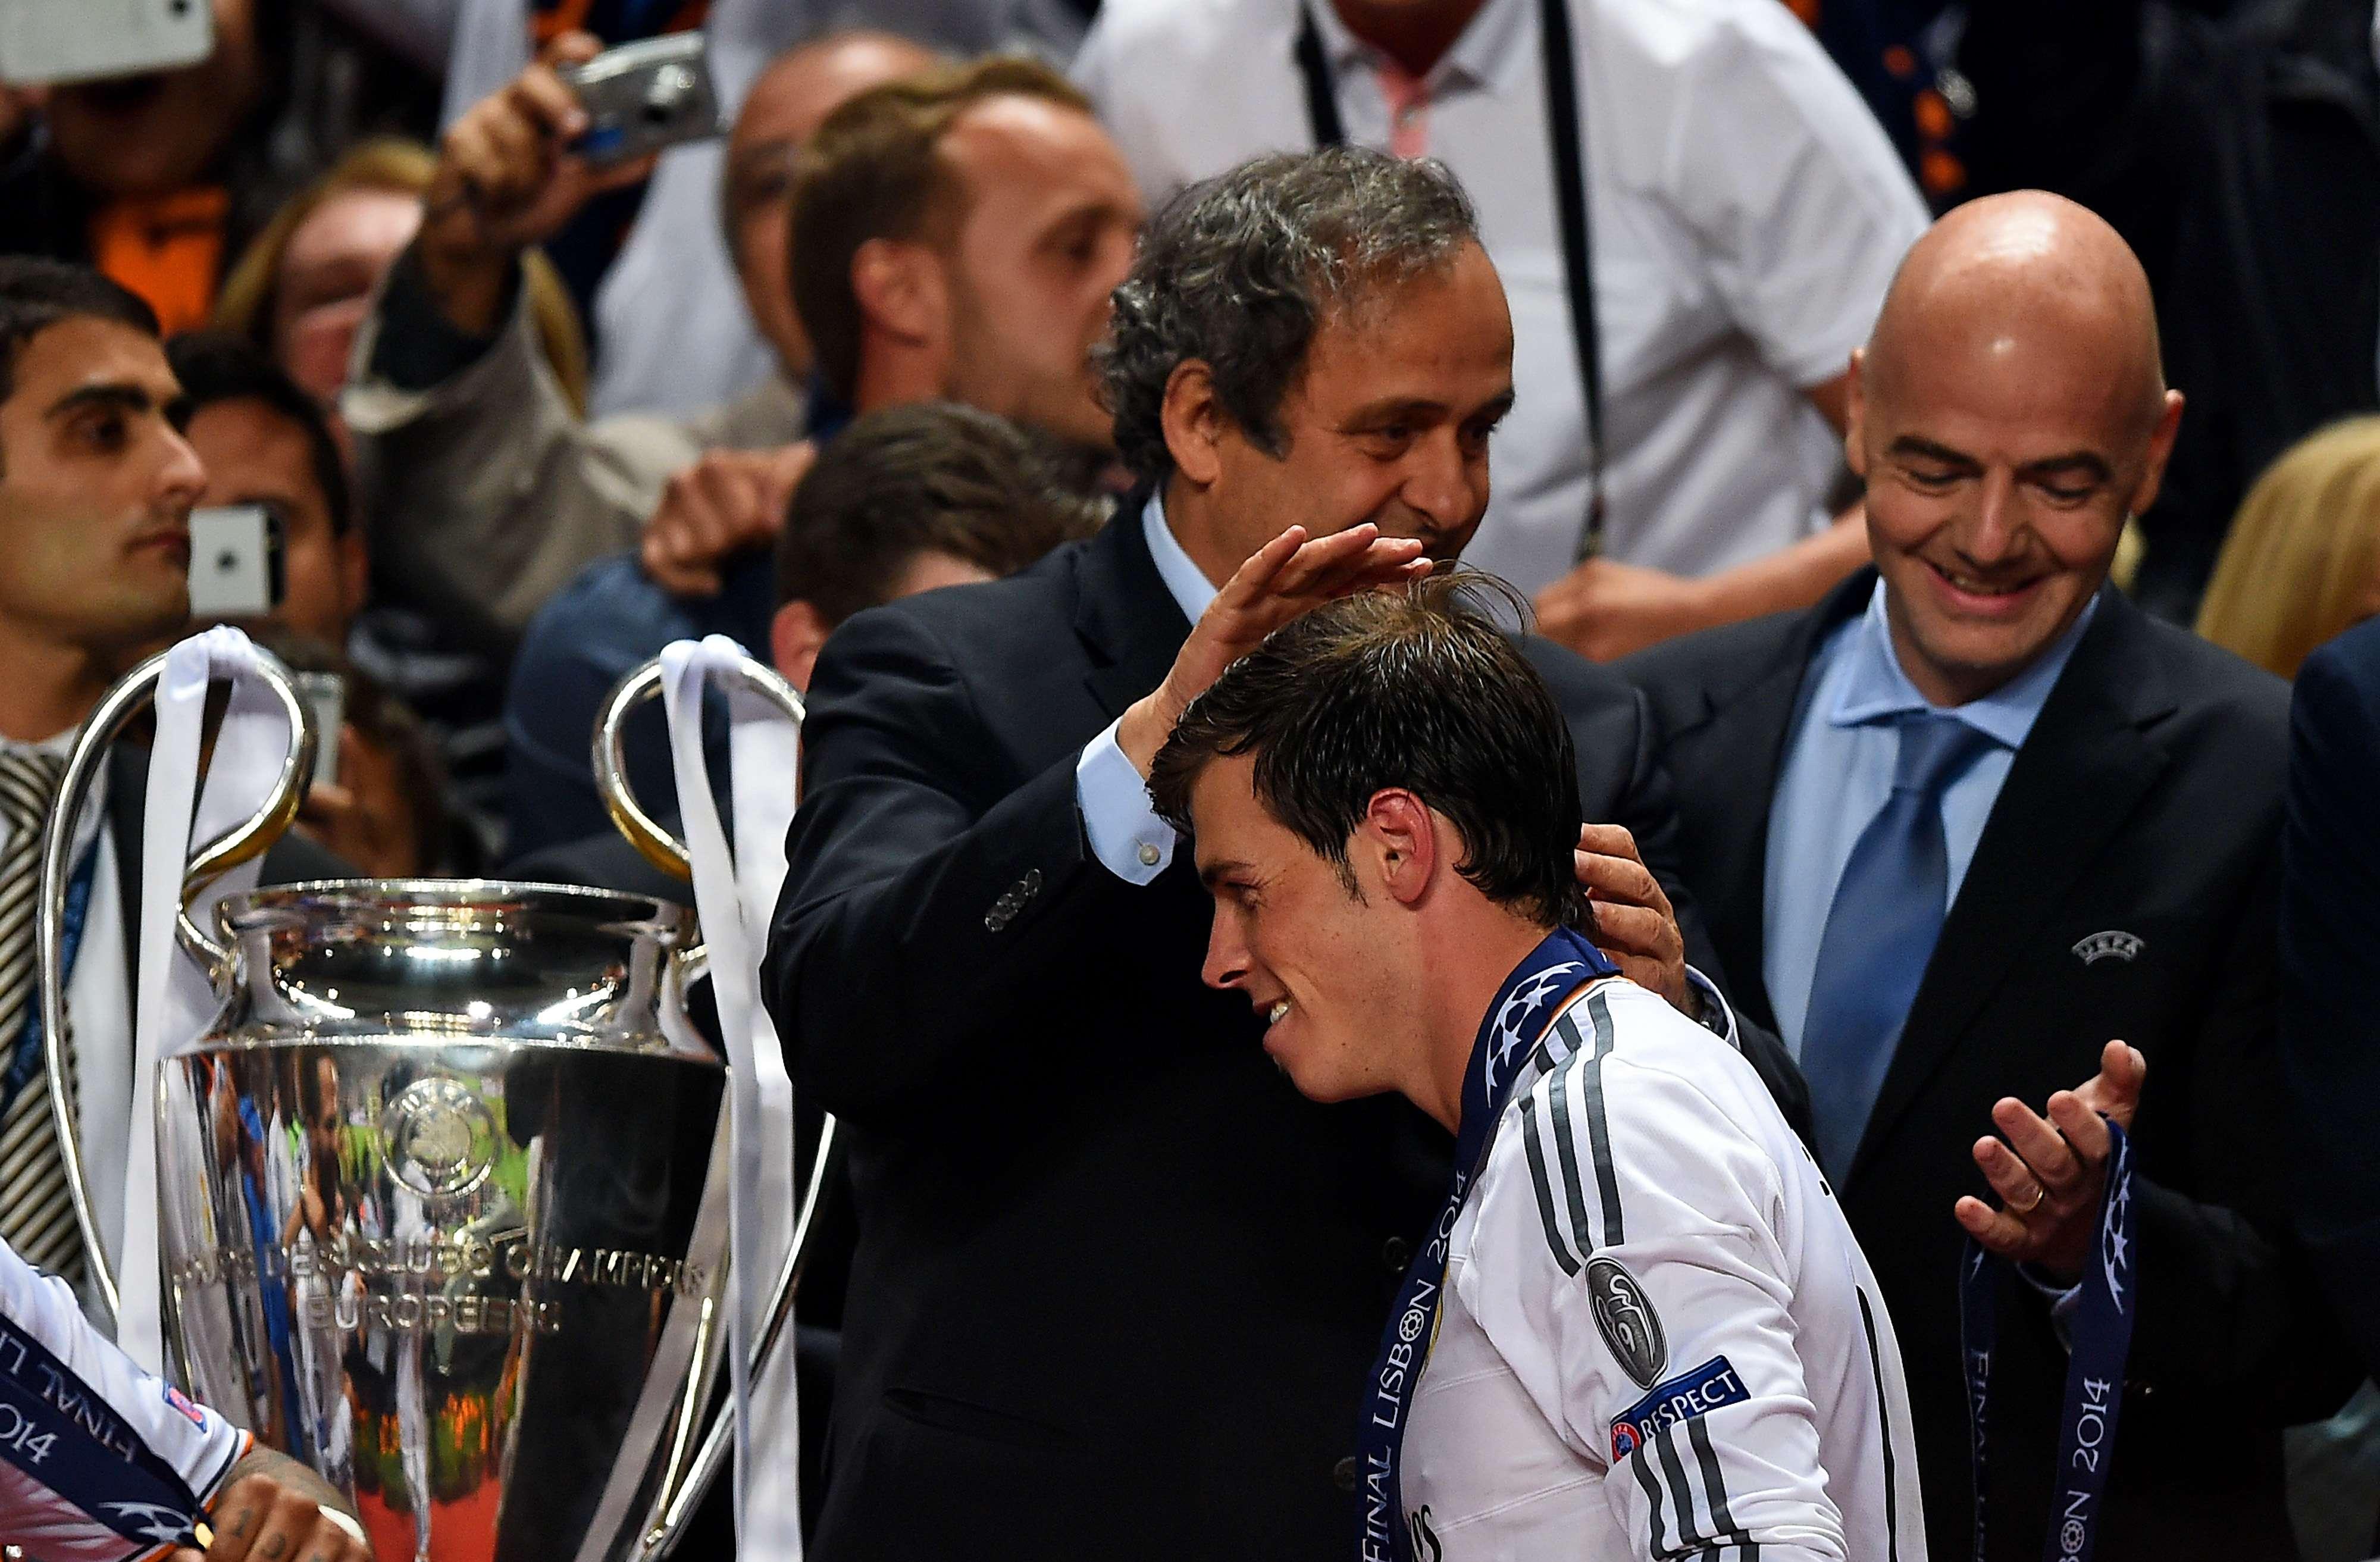 Gareth Bale fez o gol que colocou o Real Madrid à frente do placar, na prorrogação, e, após o jogo, foi congratulado pelo presidente da Uefa, Michel Platini Foto: Getty Images